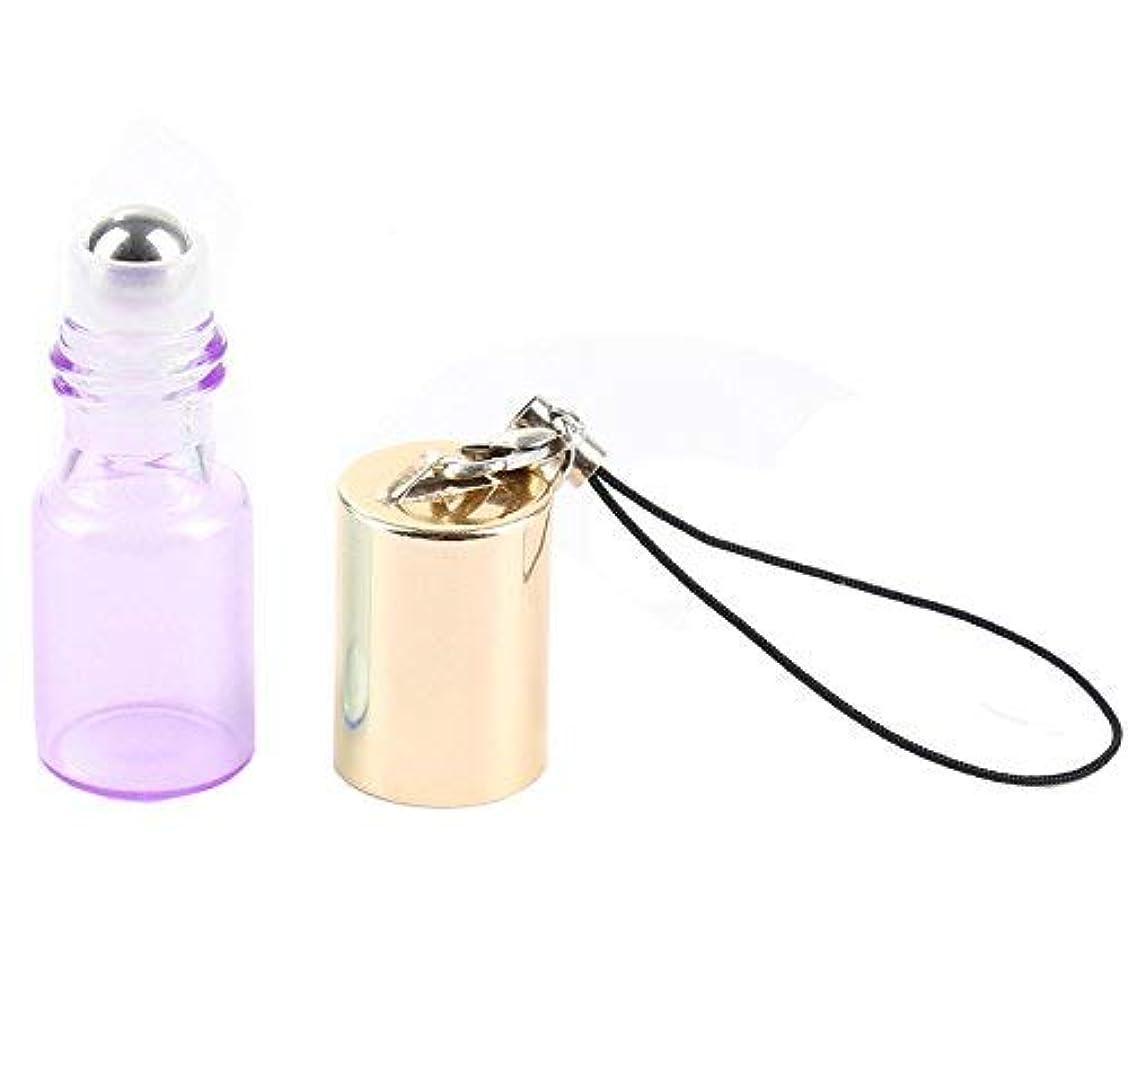 かりてすでに誇りEmpty Roller Bottles - Pack of 12 3ml Pearl Colored Glass Roll-on Bottles for Essential Oil Container with Golden...